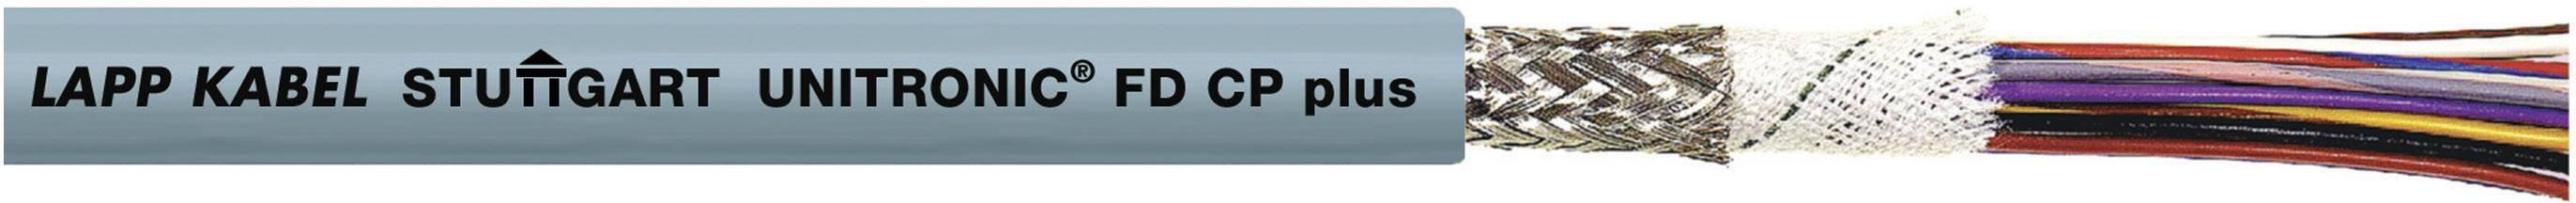 Datový kabel LappKabel UNITRONIC FD CP PLUS 18X0,25 (0028896), 18x 0,25 mm², Ø 9,1 mm, stíněný, 100 m, šedá